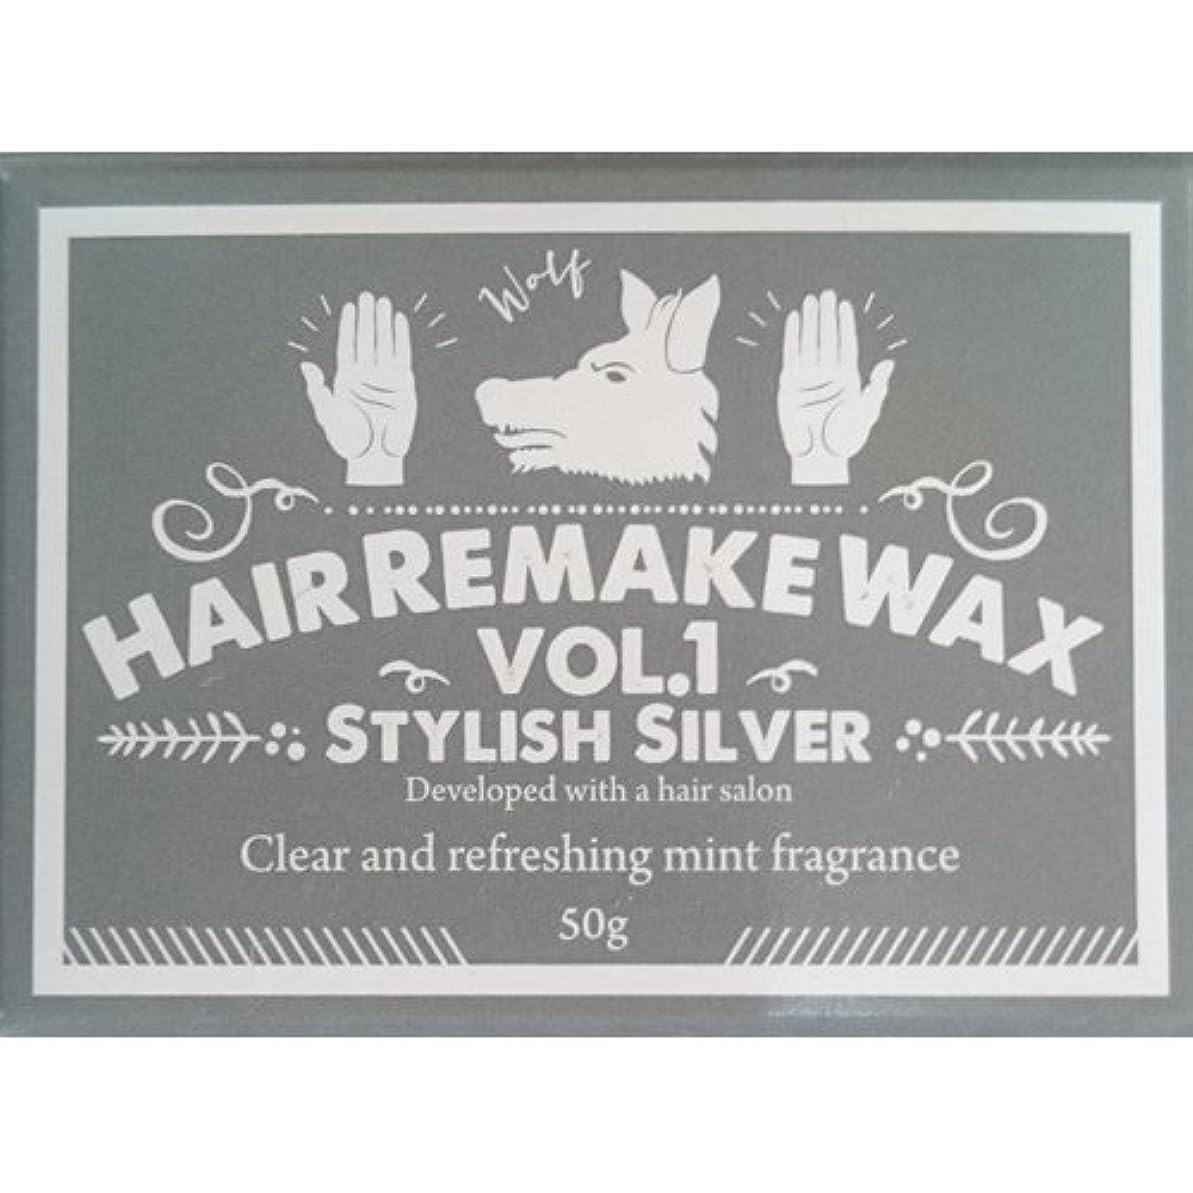 イデオロギーウィスキー知らせるHair Remake(ヘアーリメイク)WAX Vol.1 スタイリッシュシルバー 50g